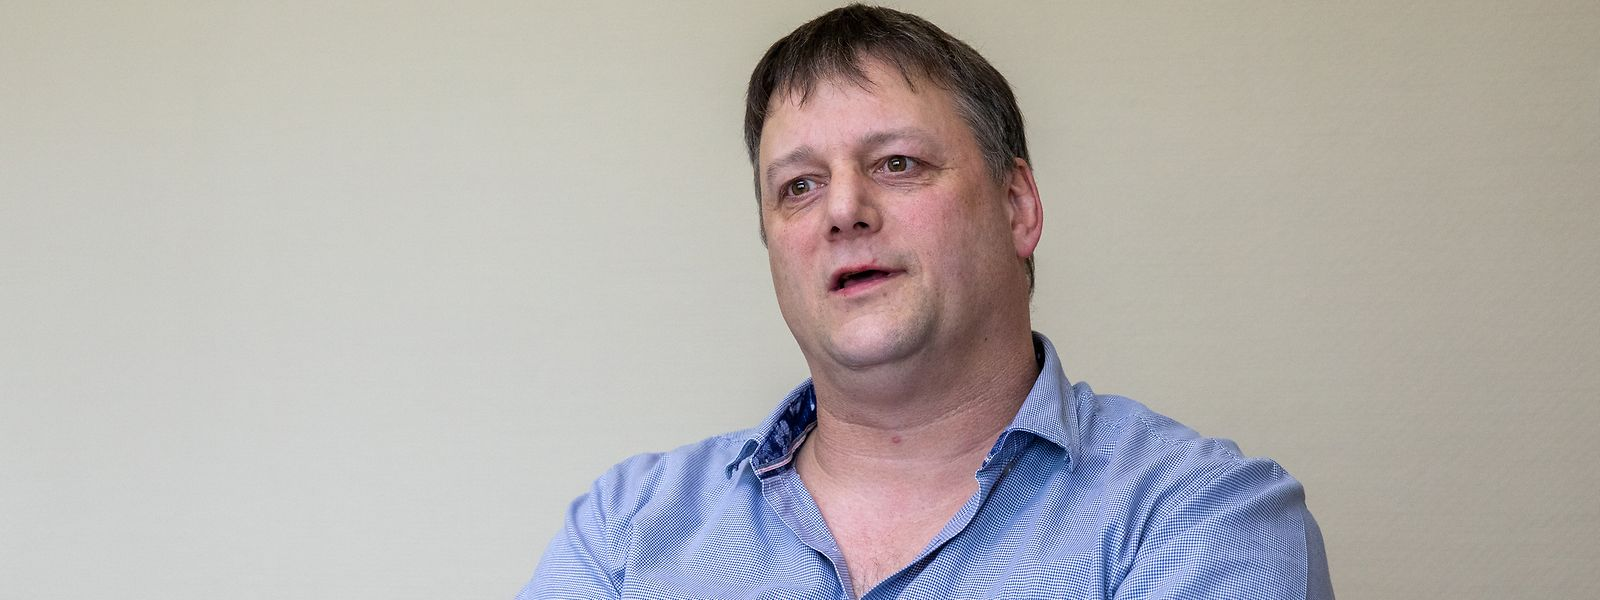 Laienpolitiker Didier Lejeune wurde aus den rund 78.000 Bewohnern der Deutschsprachigen Gemeinschaft Belgiens ausgelost, um im Bürgerrat mitzuarbeiten und mitzuentscheiden.